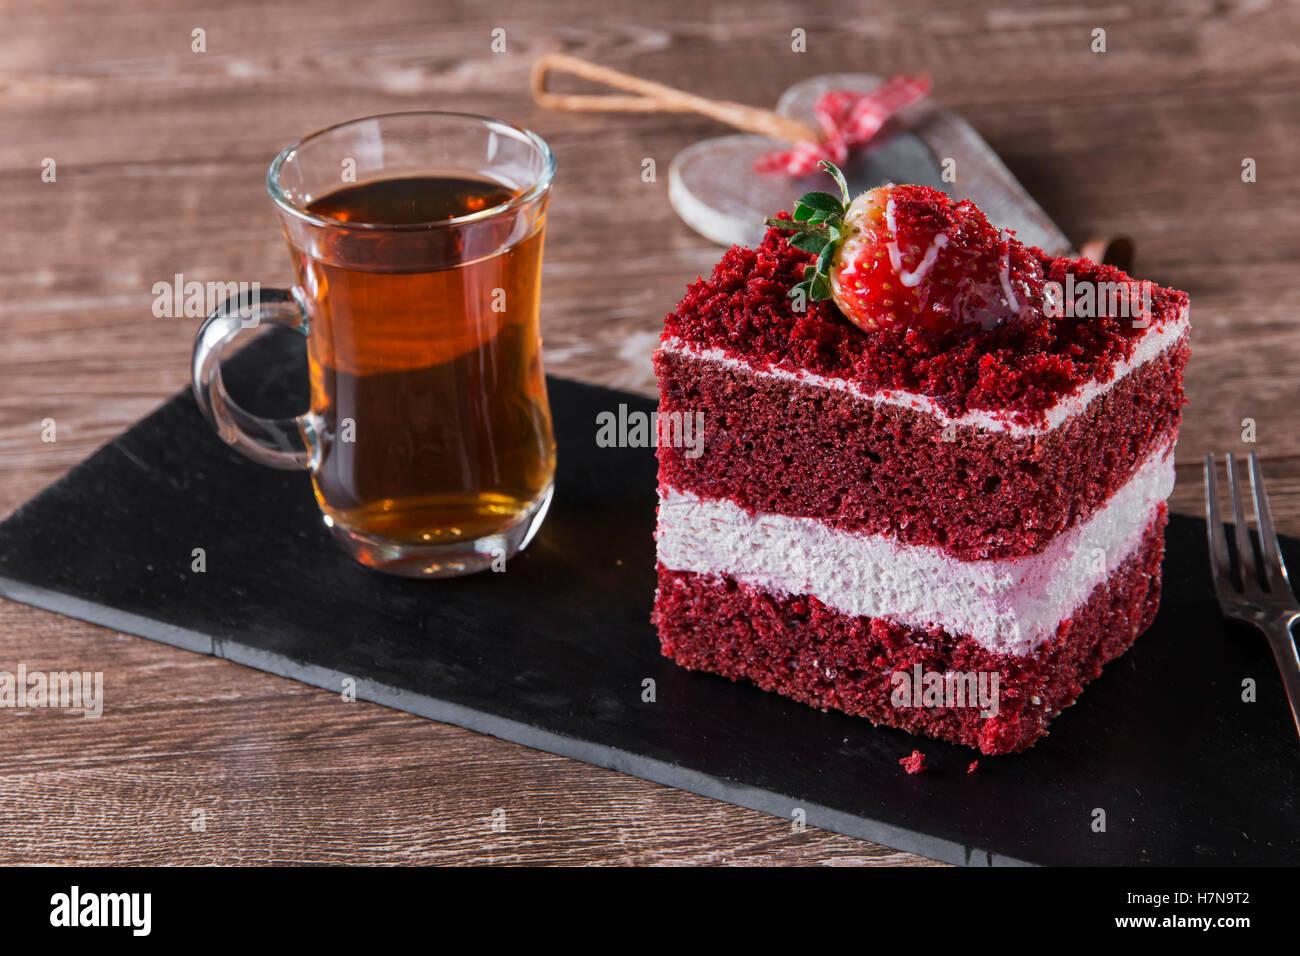 Fetta di torta rossa del velluto con glassa bianca è guarnito con fragole close up Immagini Stock